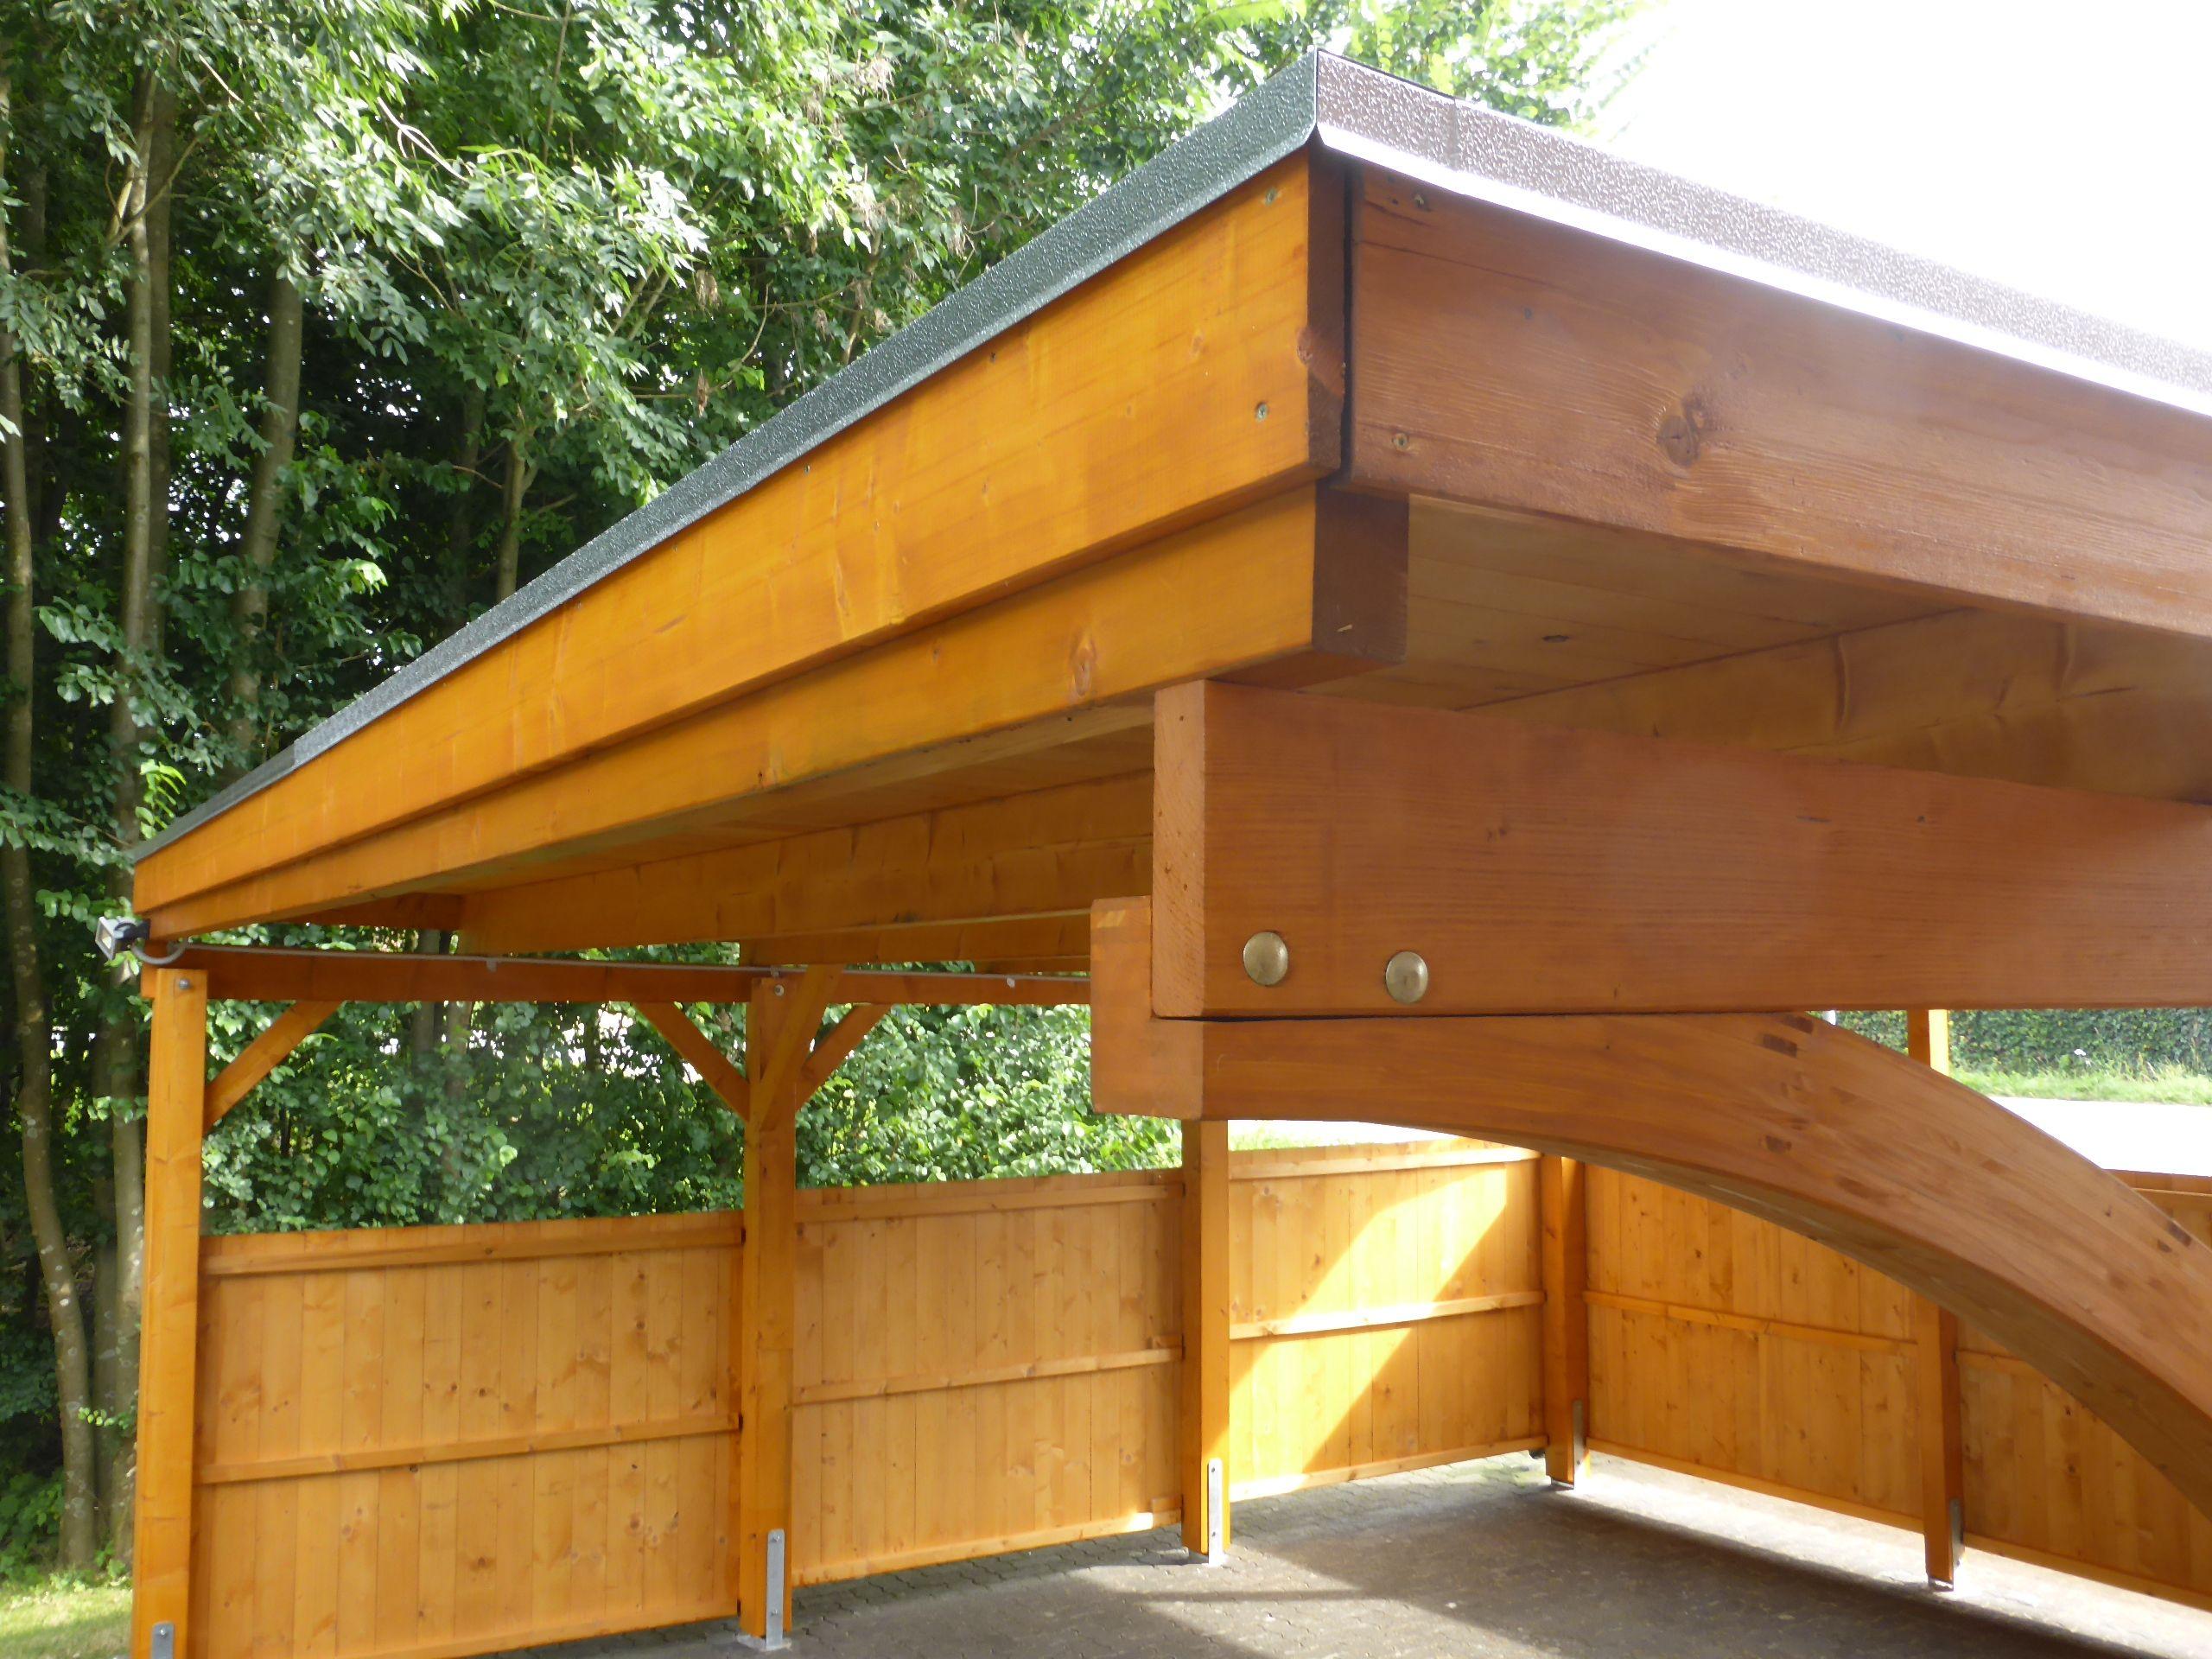 carport in fichte mit leimholzbogen holzblende abdeckleiste und holzdach mit. Black Bedroom Furniture Sets. Home Design Ideas